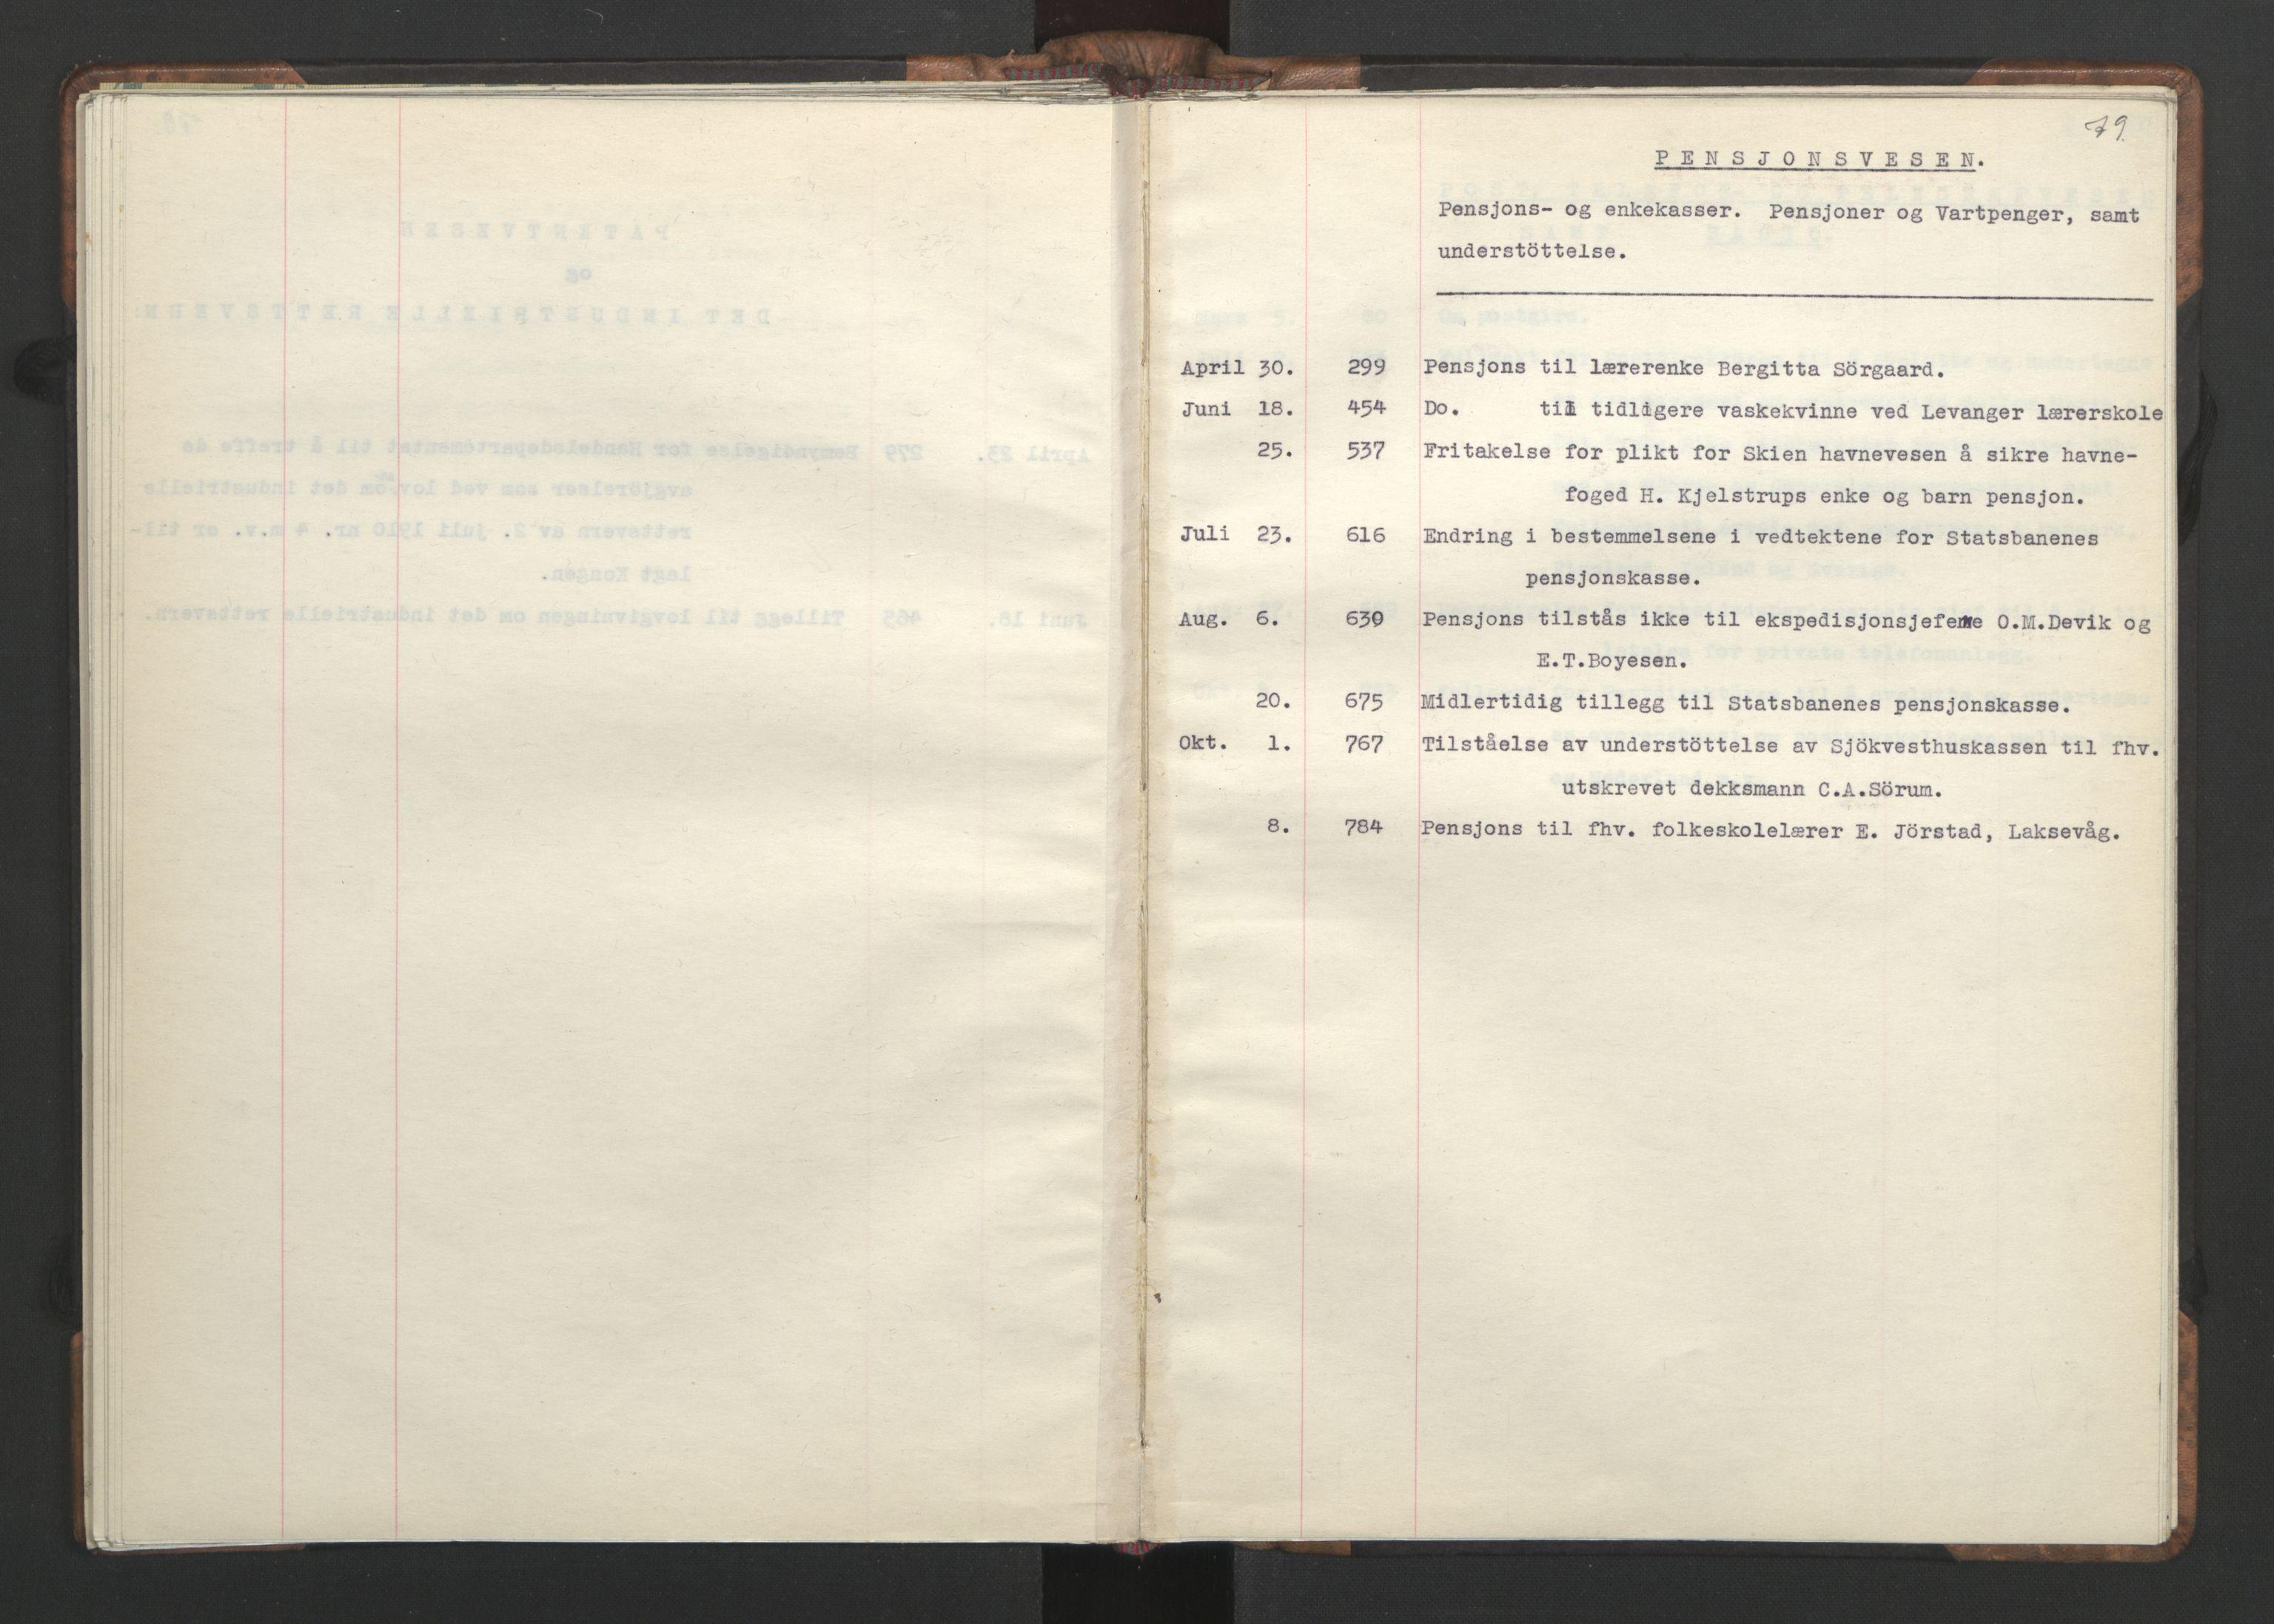 RA, NS-administrasjonen 1940-1945 (Statsrådsekretariatet, de kommisariske statsråder mm), D/Da/L0002: Register (RA j.nr. 985/1943, tilgangsnr. 17/1943), 1942, s. 78b-79a